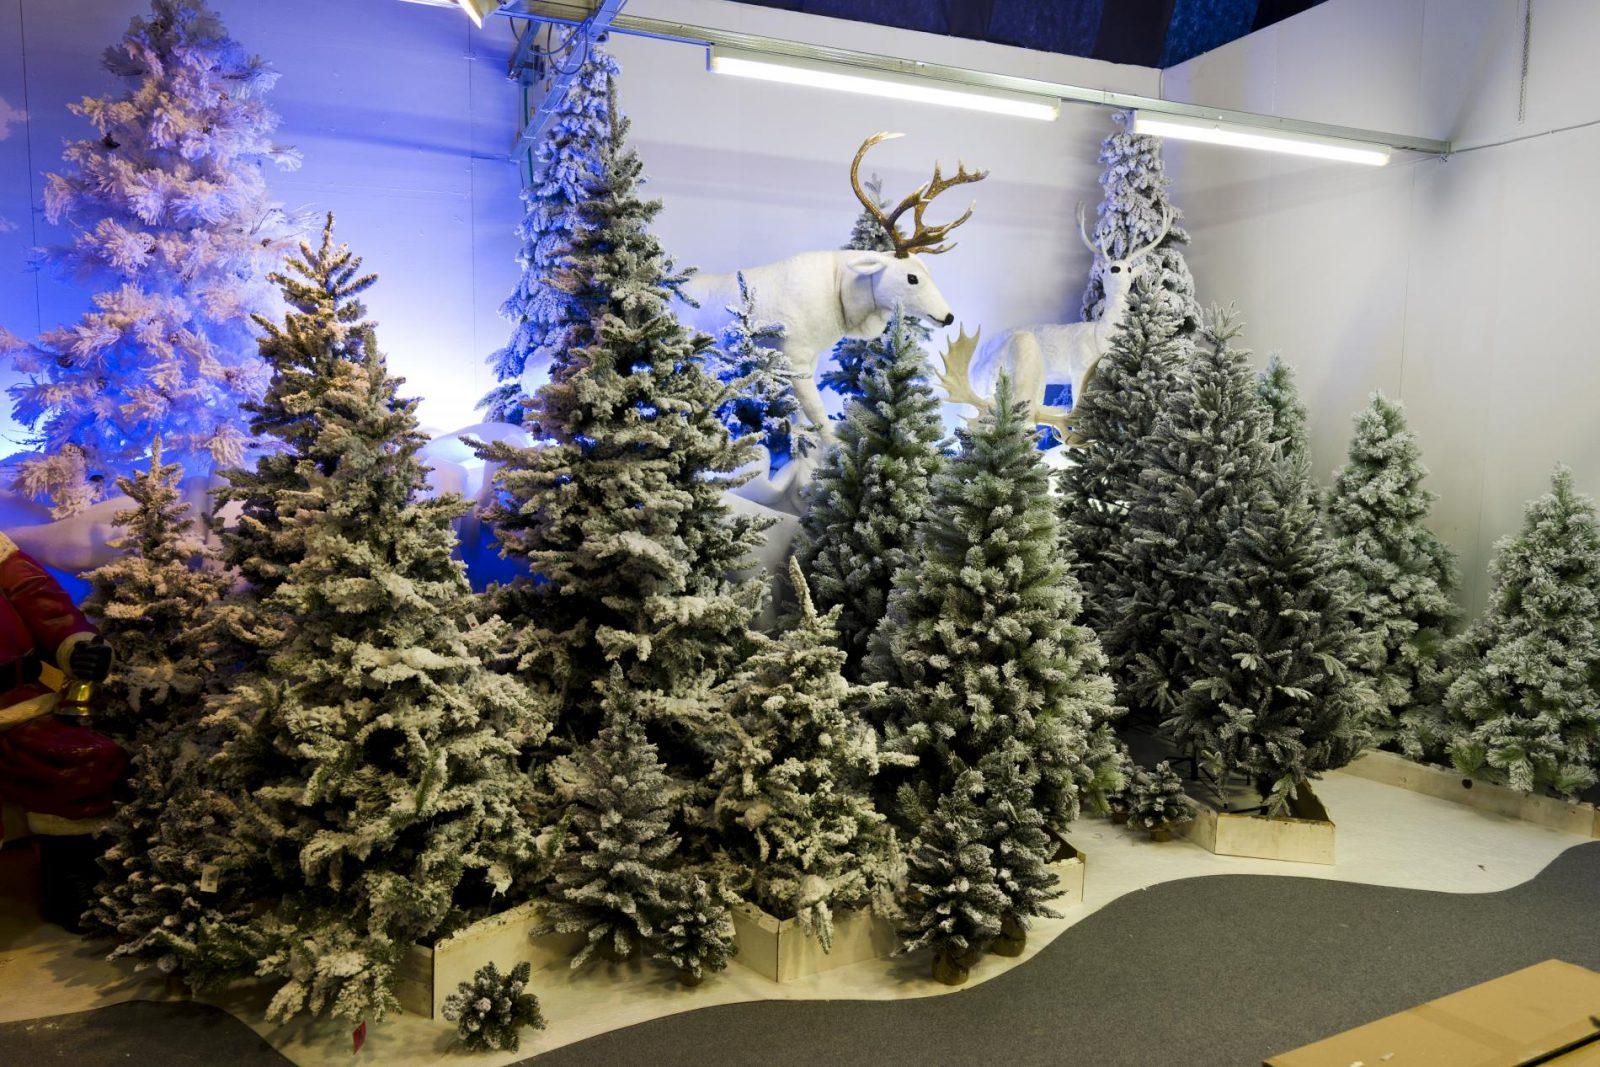 Decorazioni Natalizie A Poco Prezzo.Come Valutare Il Prezzo Di Un Albero Di Natale In 3 Mosse Natale Agribrianza